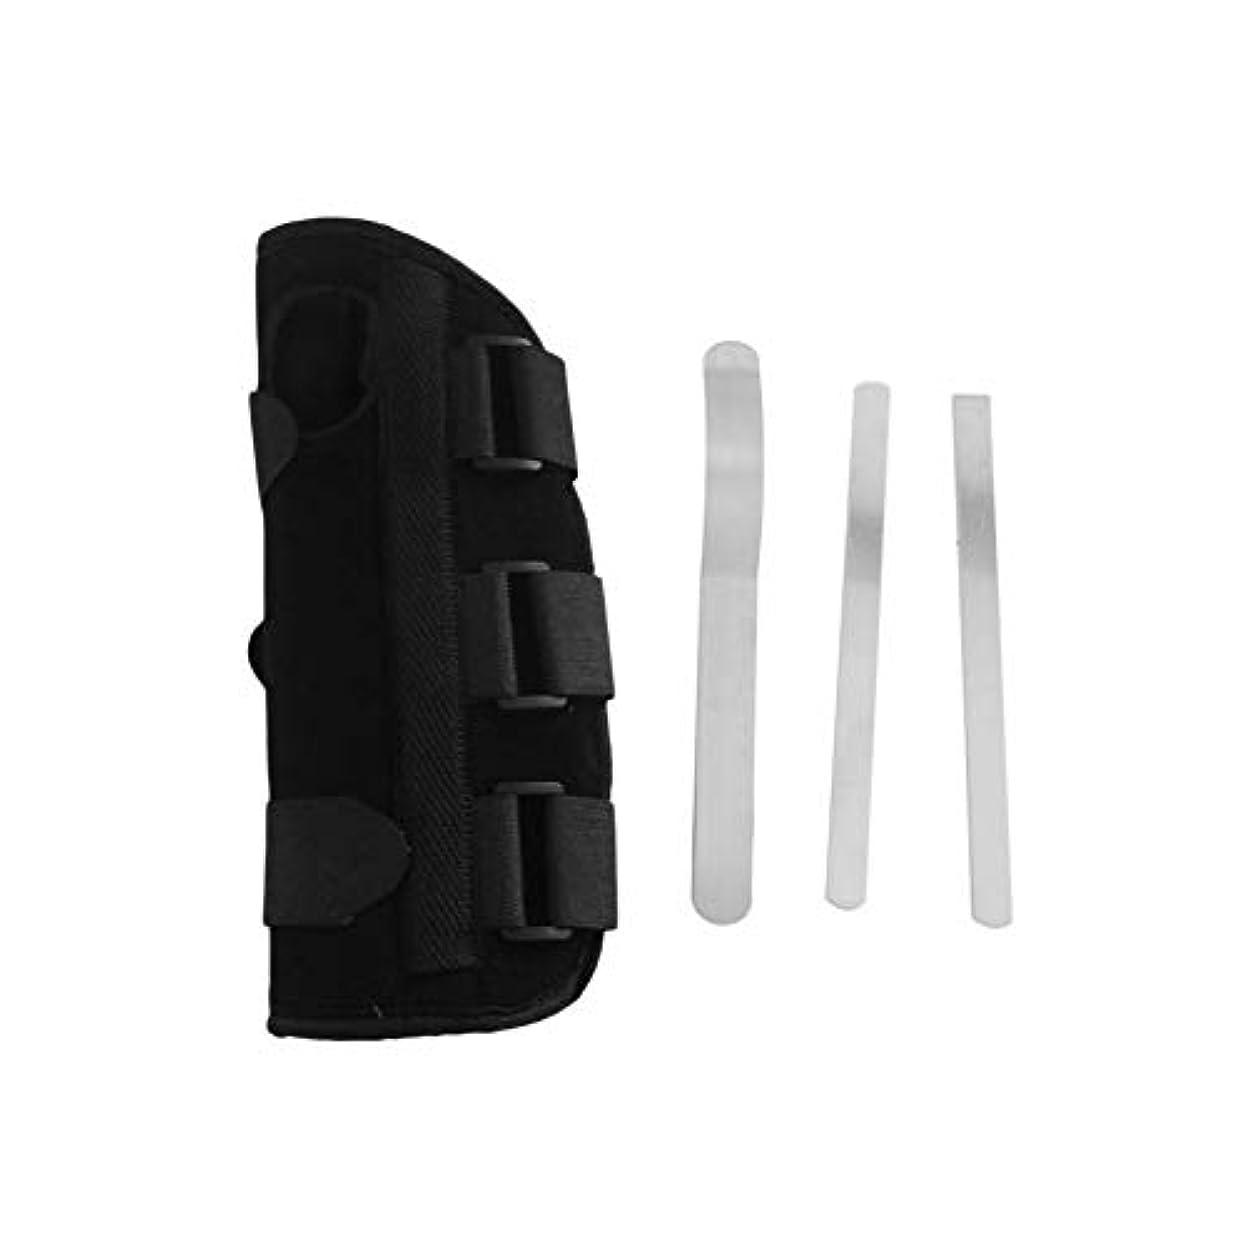 形容詞振るう活気づける手首副木ブレース保護サポートストラップカルペルトンネルCTS RSI痛み軽減取り外し可能な副木快適な軽量ストラップ - ブラックS